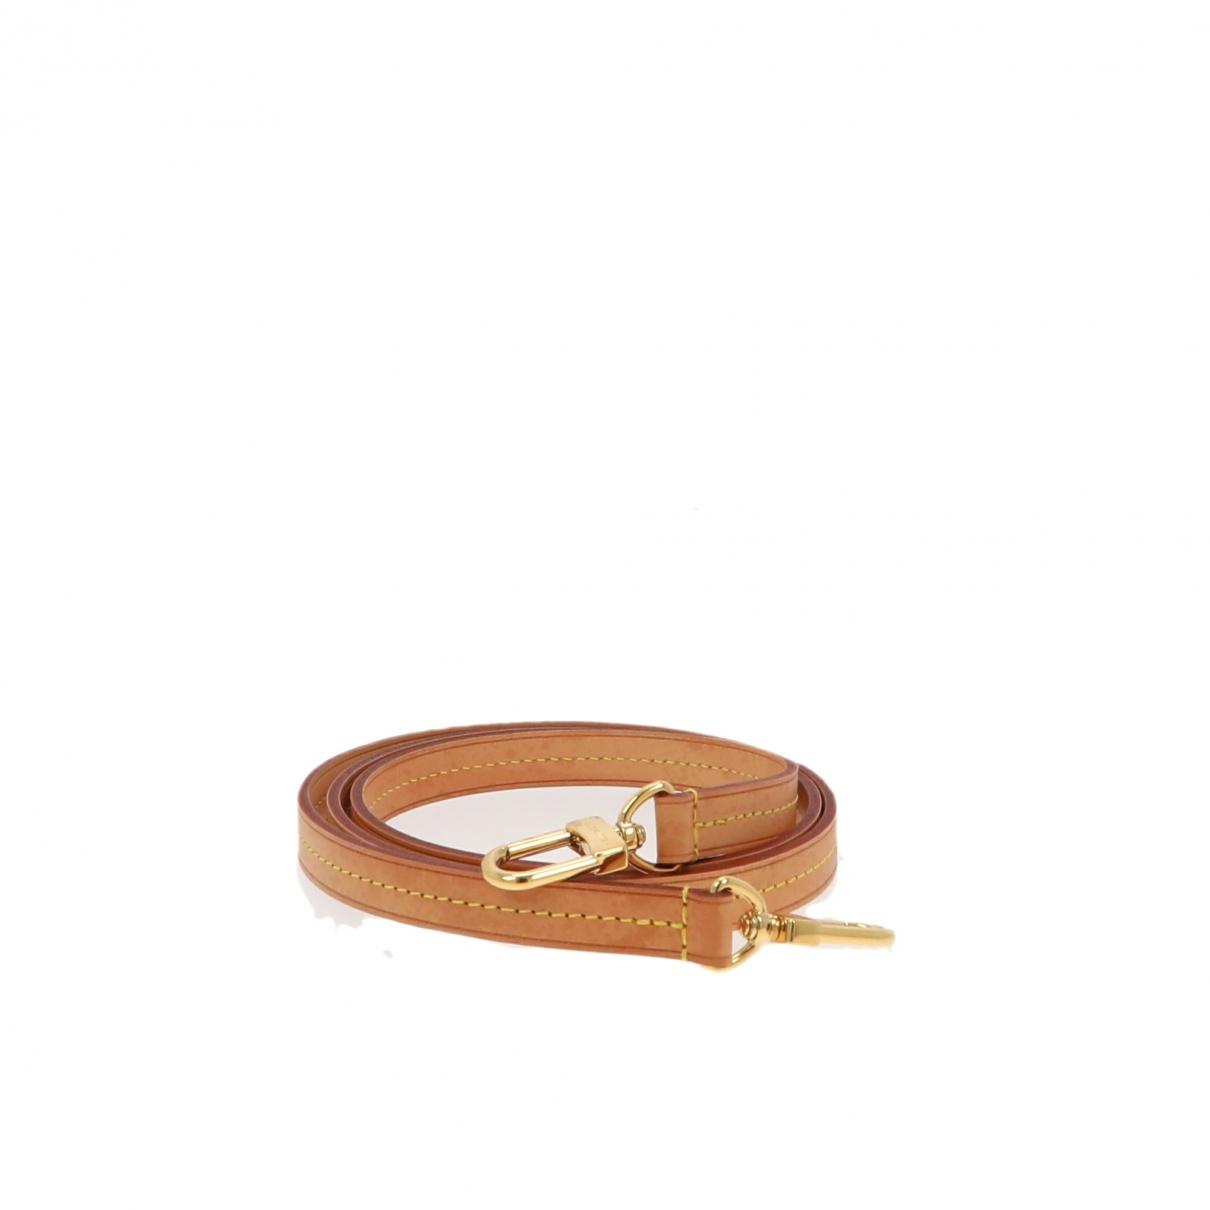 Louis Vuitton - Ceinture   pour femme en cuir - beige